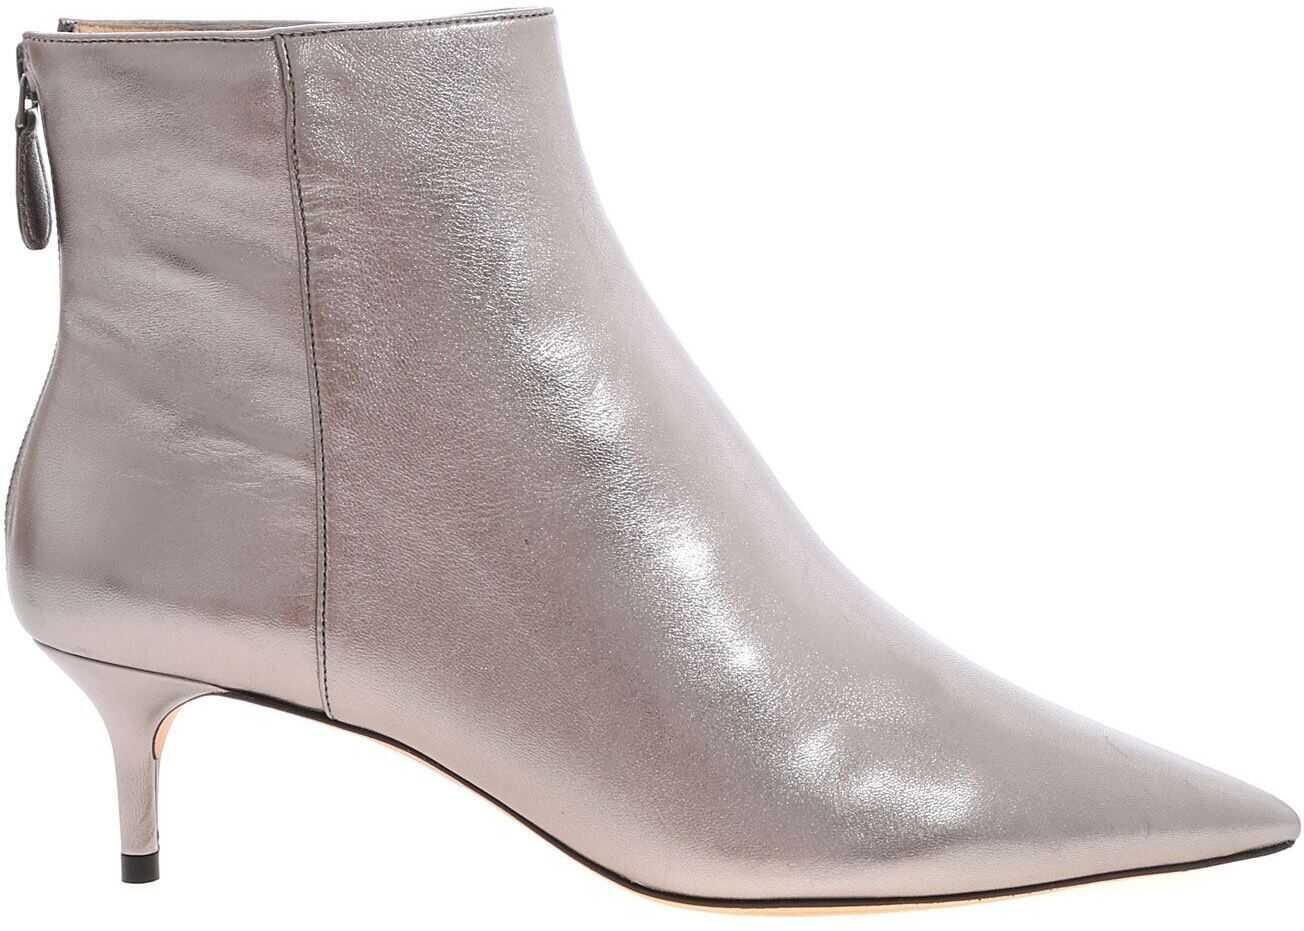 Alexandre Birman Kitie Boots In Silver Silver